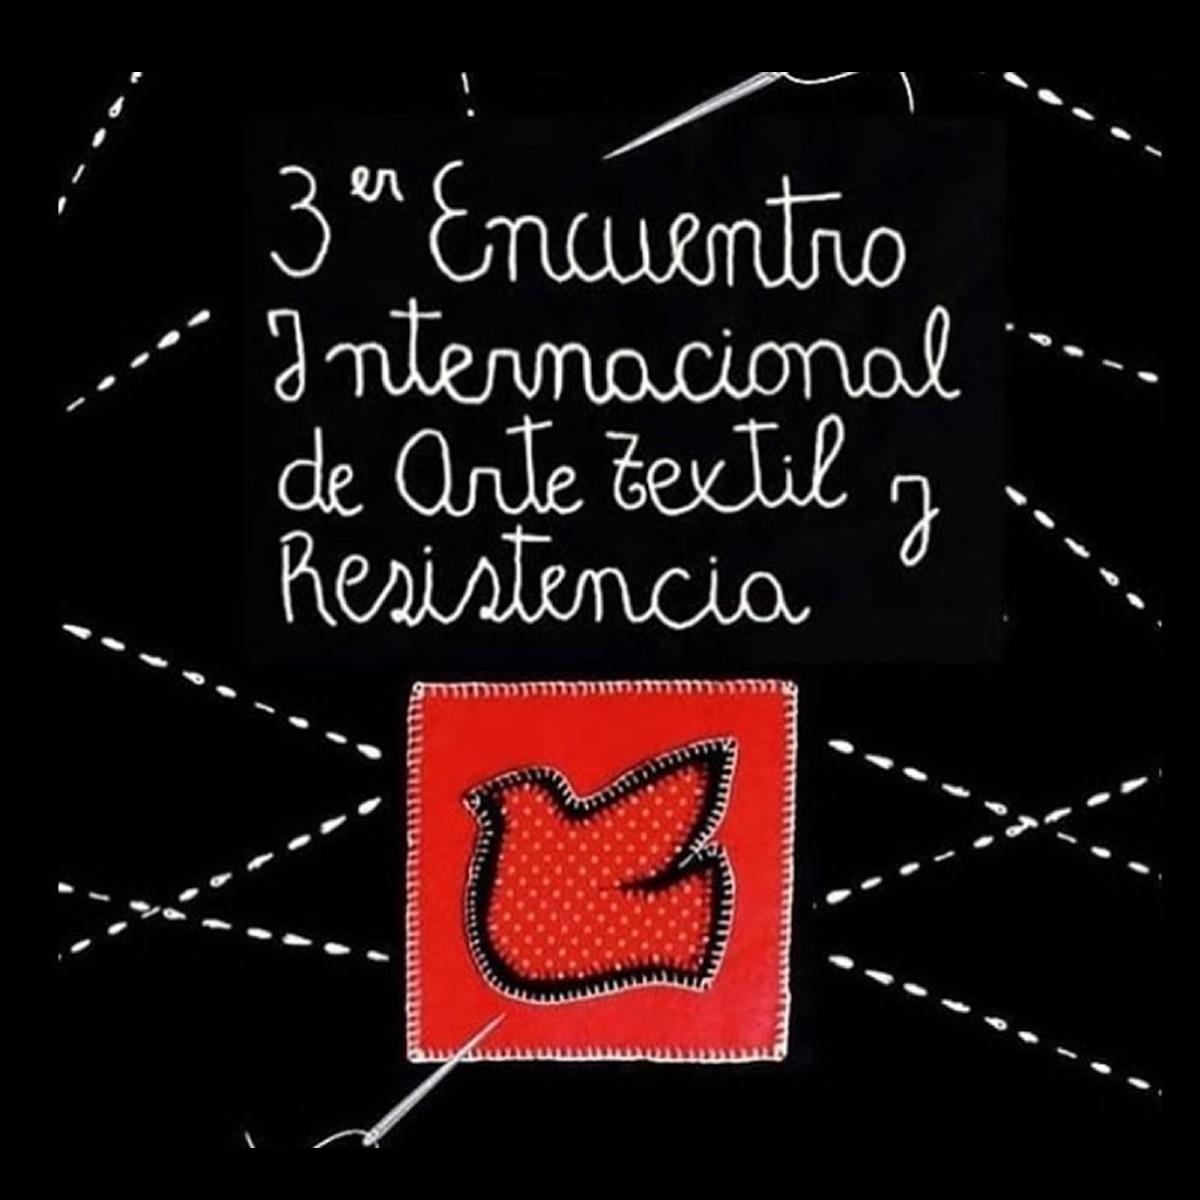 [Evento] 3er Encuentro Internacional de Arte Textil